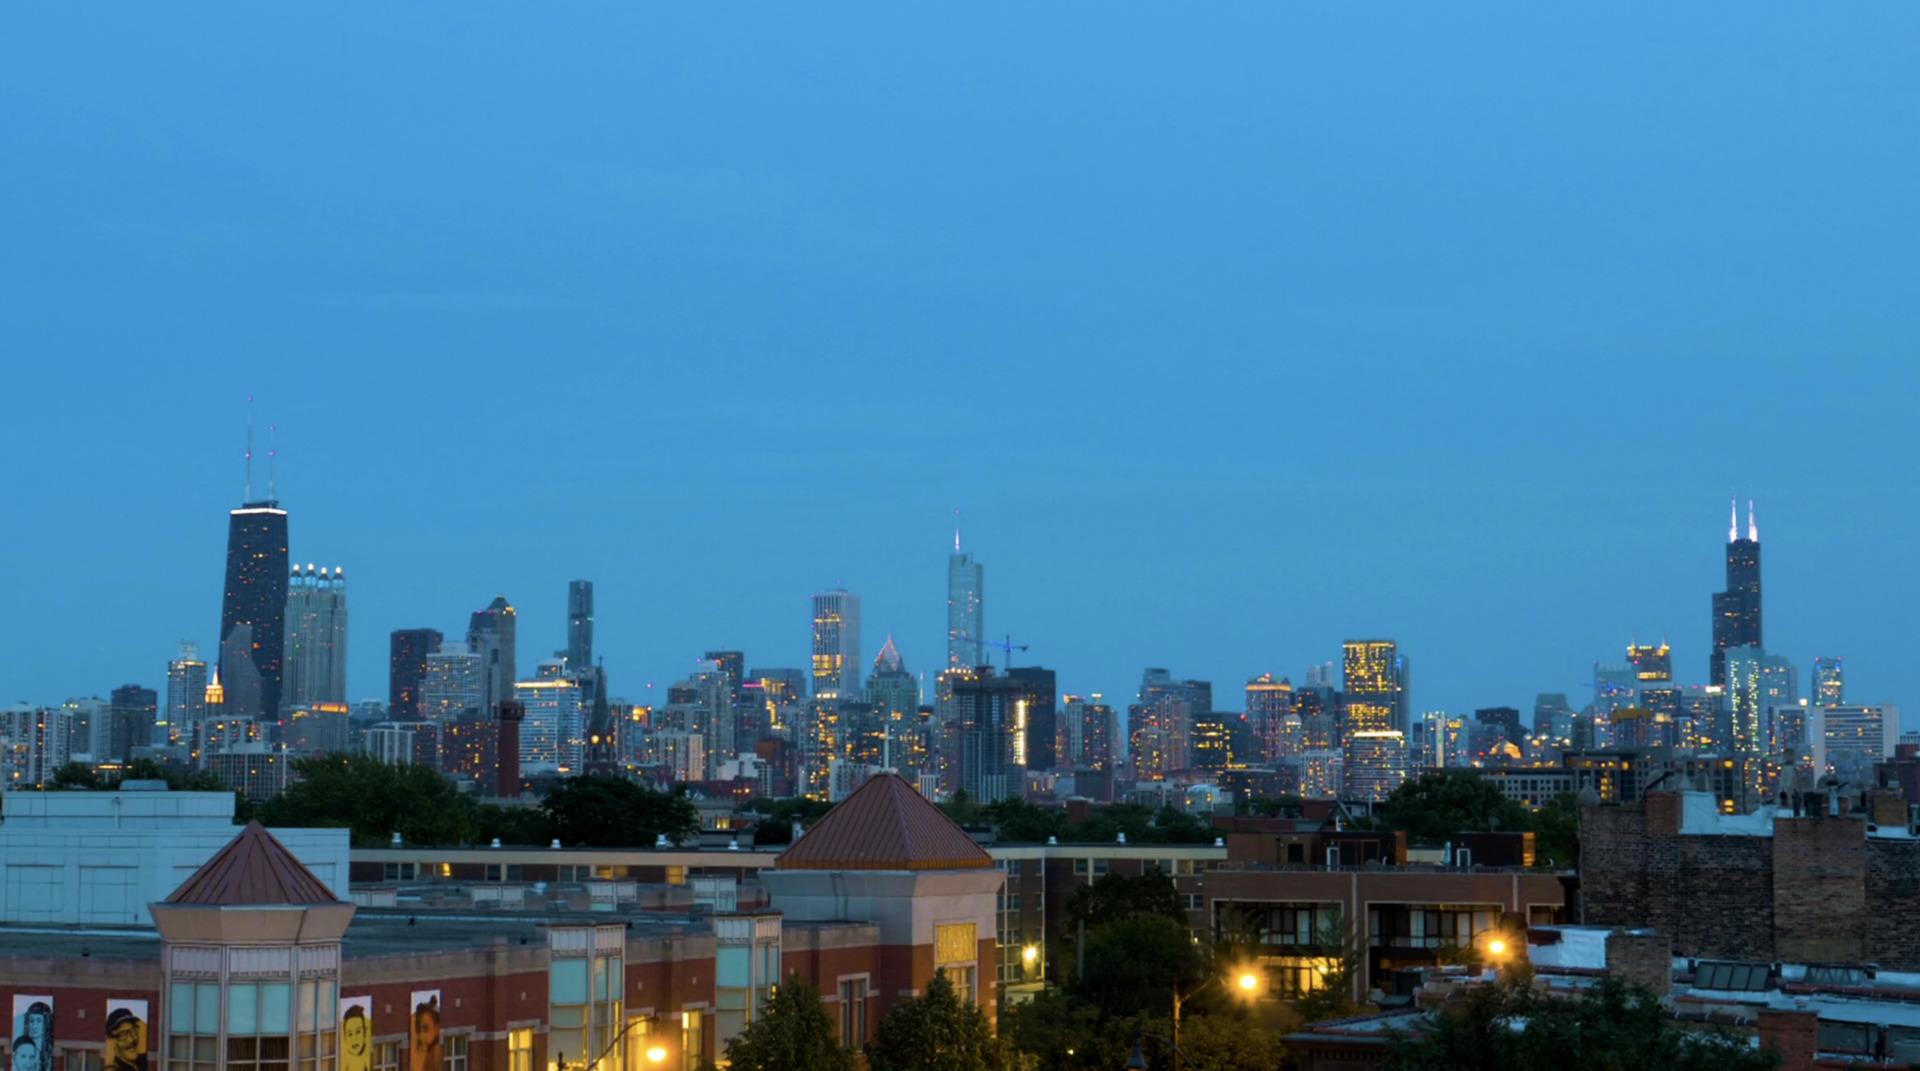 2212 Halsted Unit Unit 3 ,Chicago, Illinois 60614